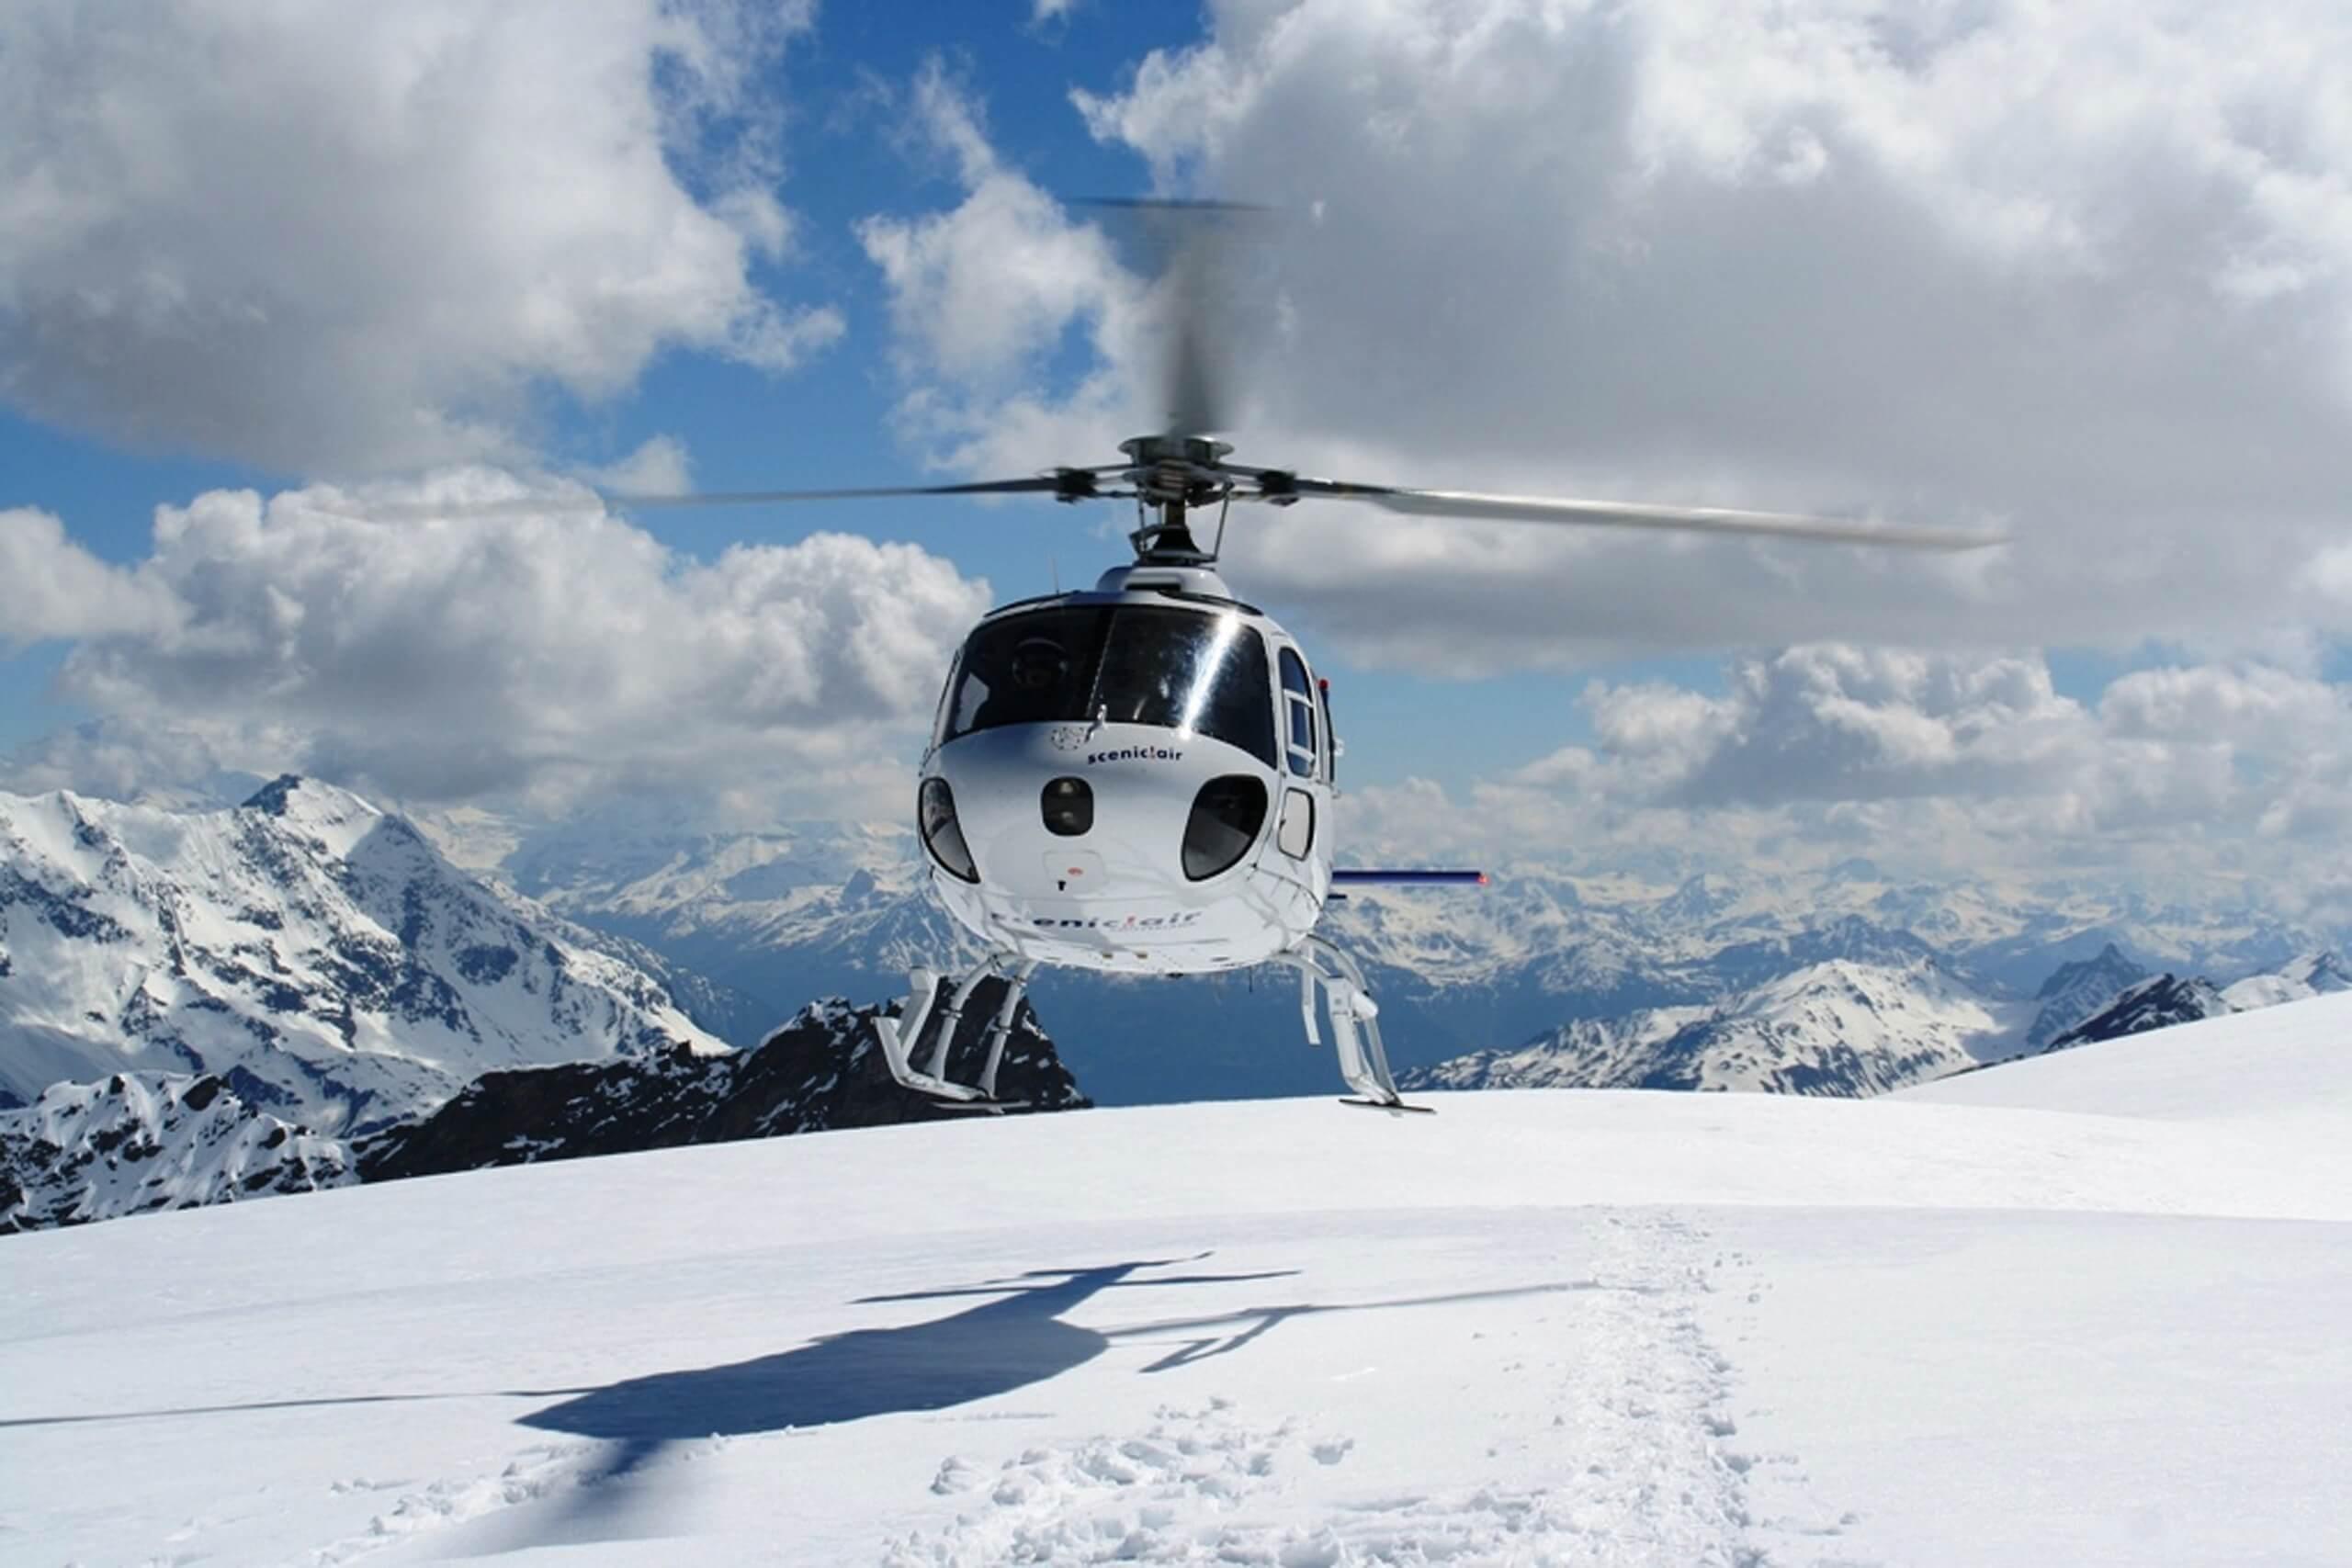 skydive-interlaken-flugzeug-winter-schnee-berge